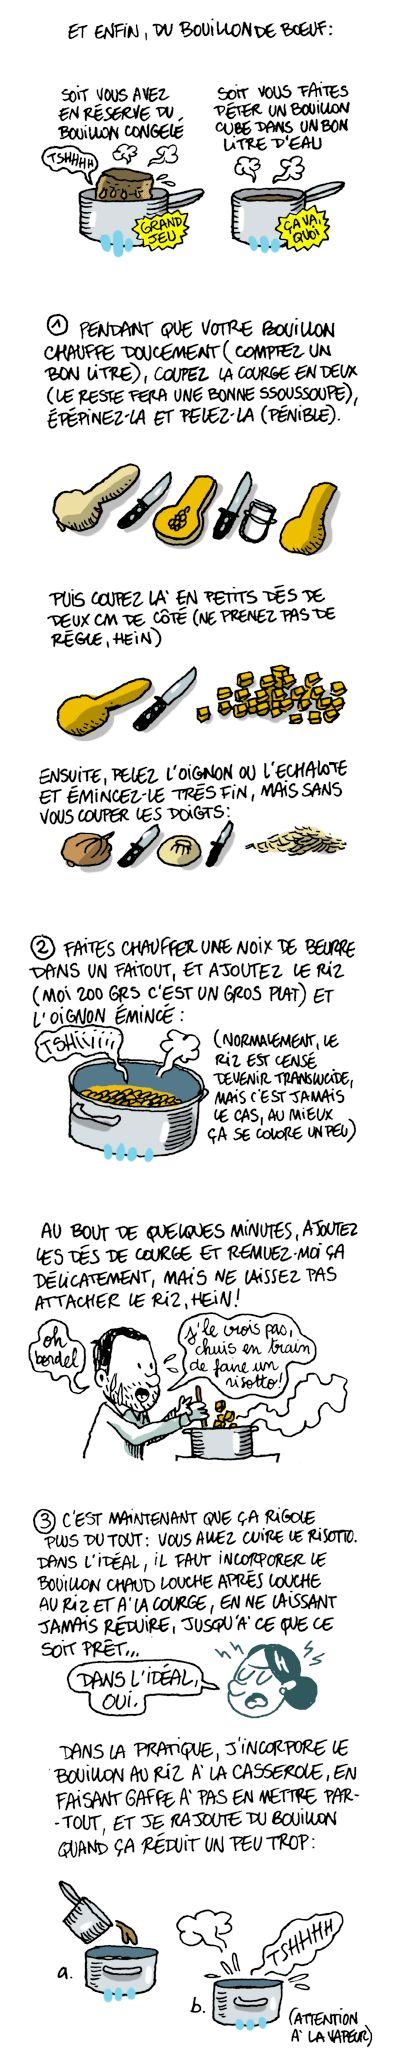 risotto de courge butternut et gorgonzola, cliquer sur le lien pour la recette et les ingrédients